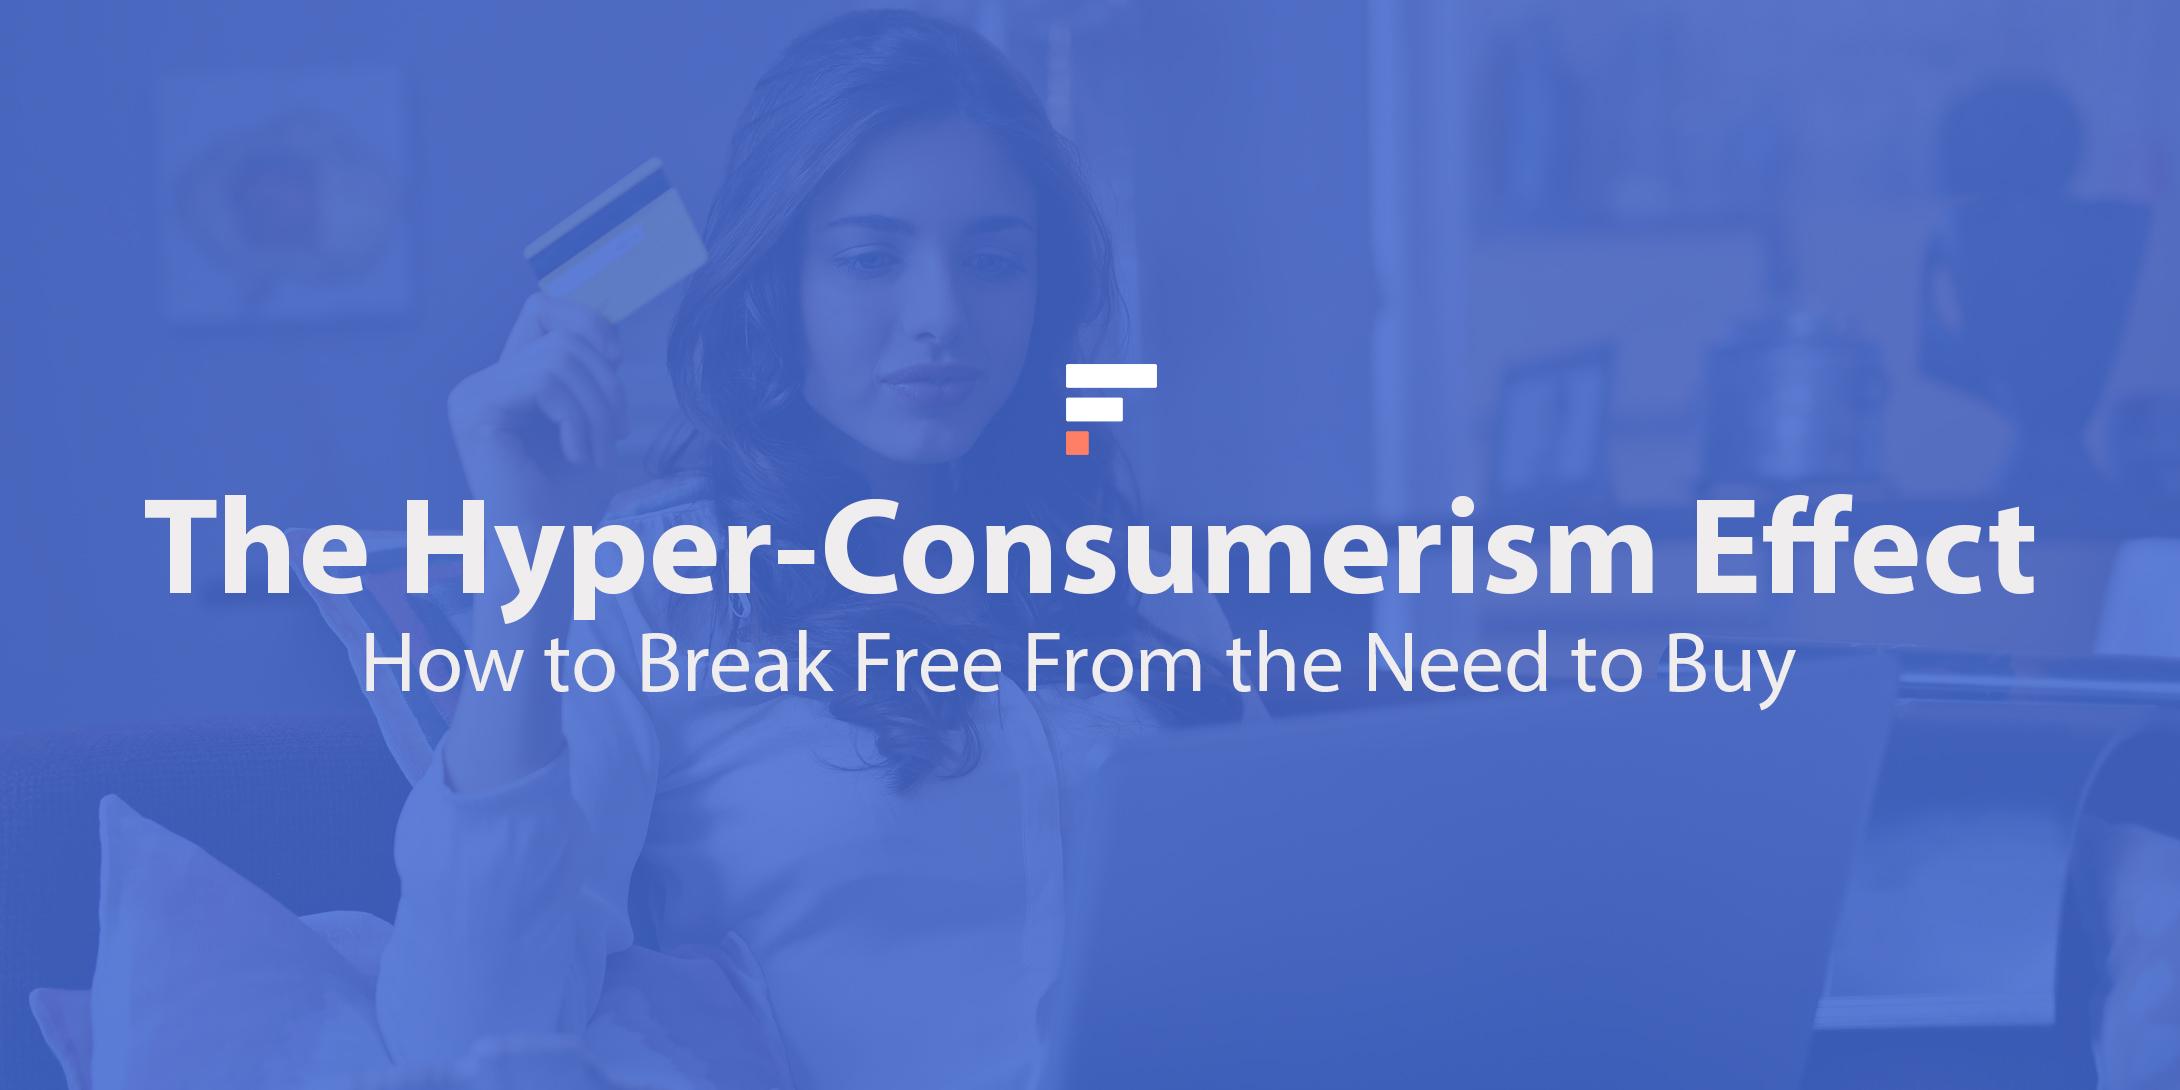 Hyper-consumerism